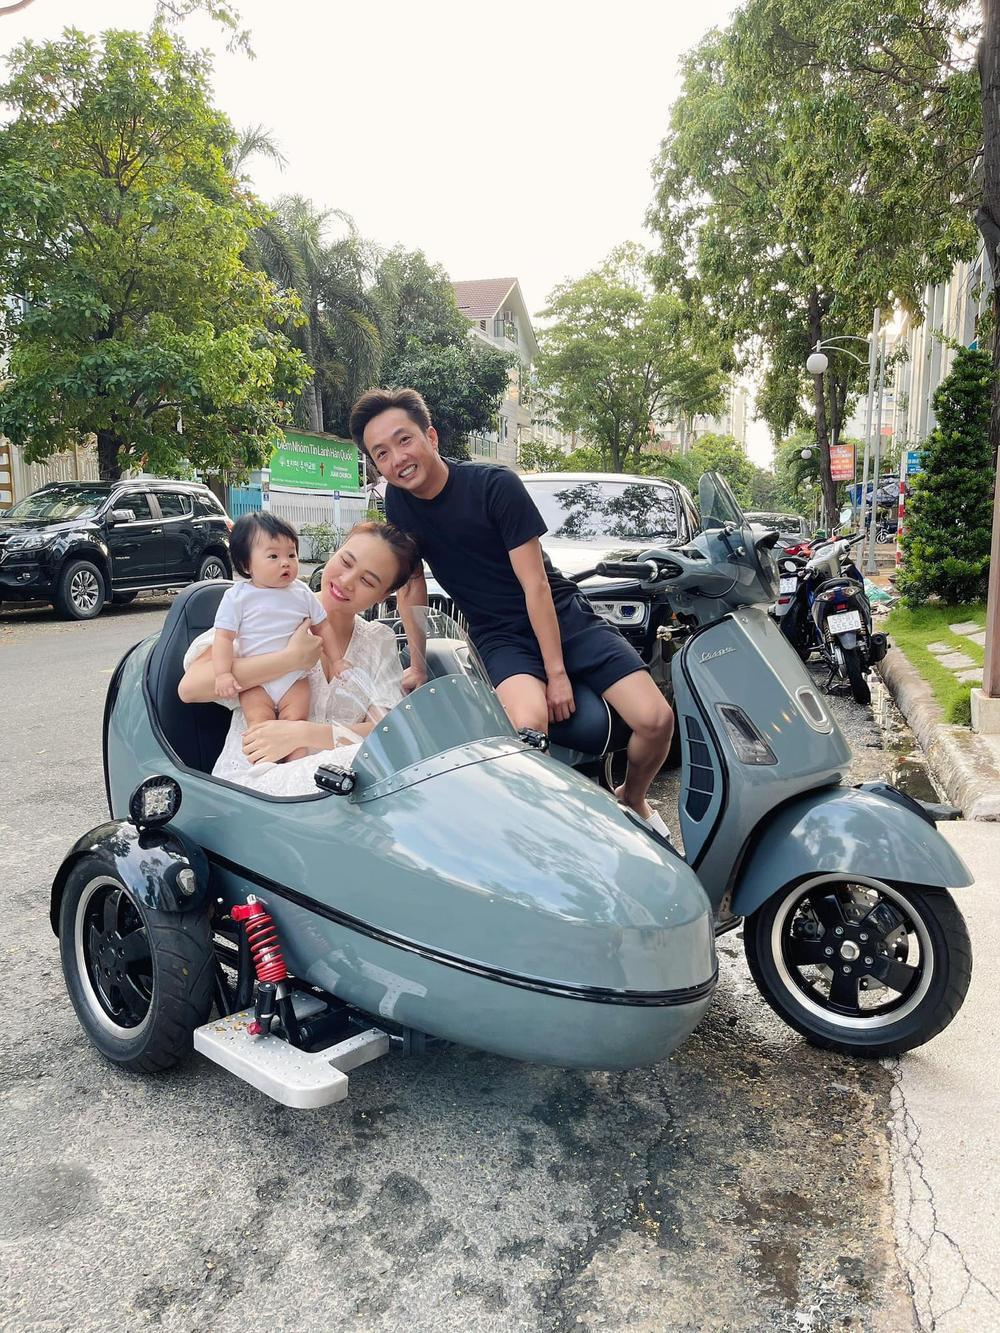 Cường Đô La - Đàm Thu Trang đưa con gái Suchin đi dạo phố bằng xe máy 'lạ' Ảnh 1